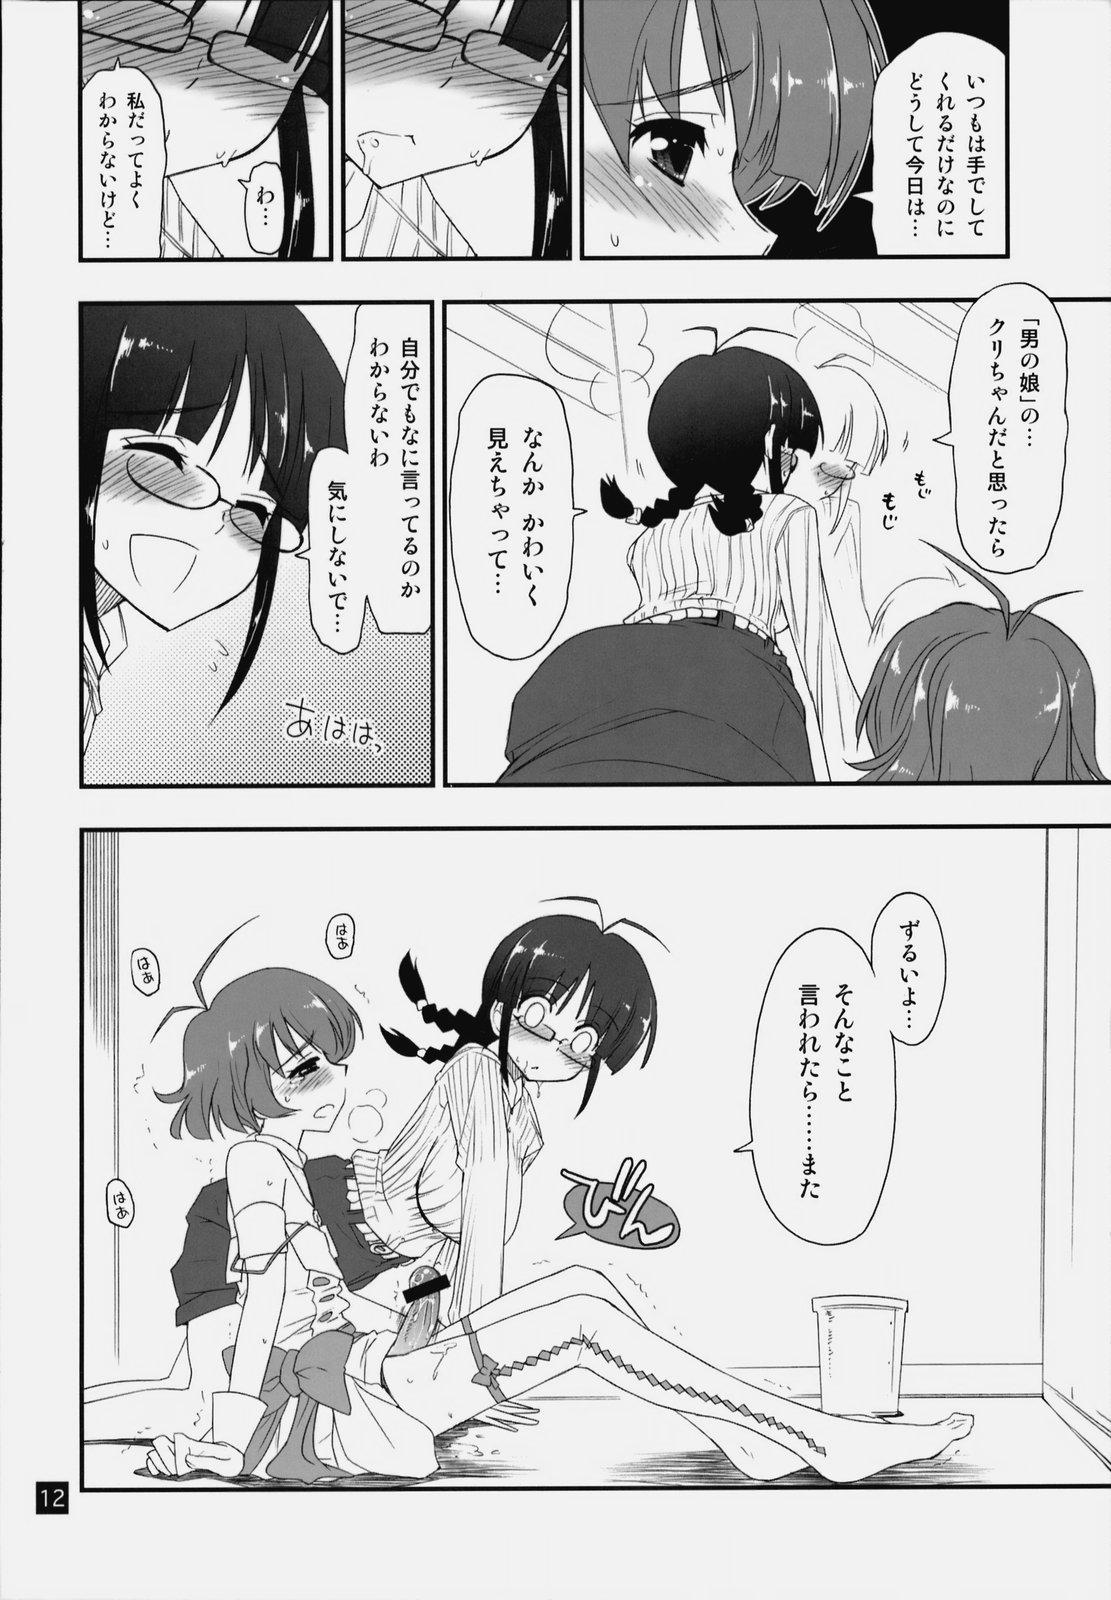 Ryouchinko 10